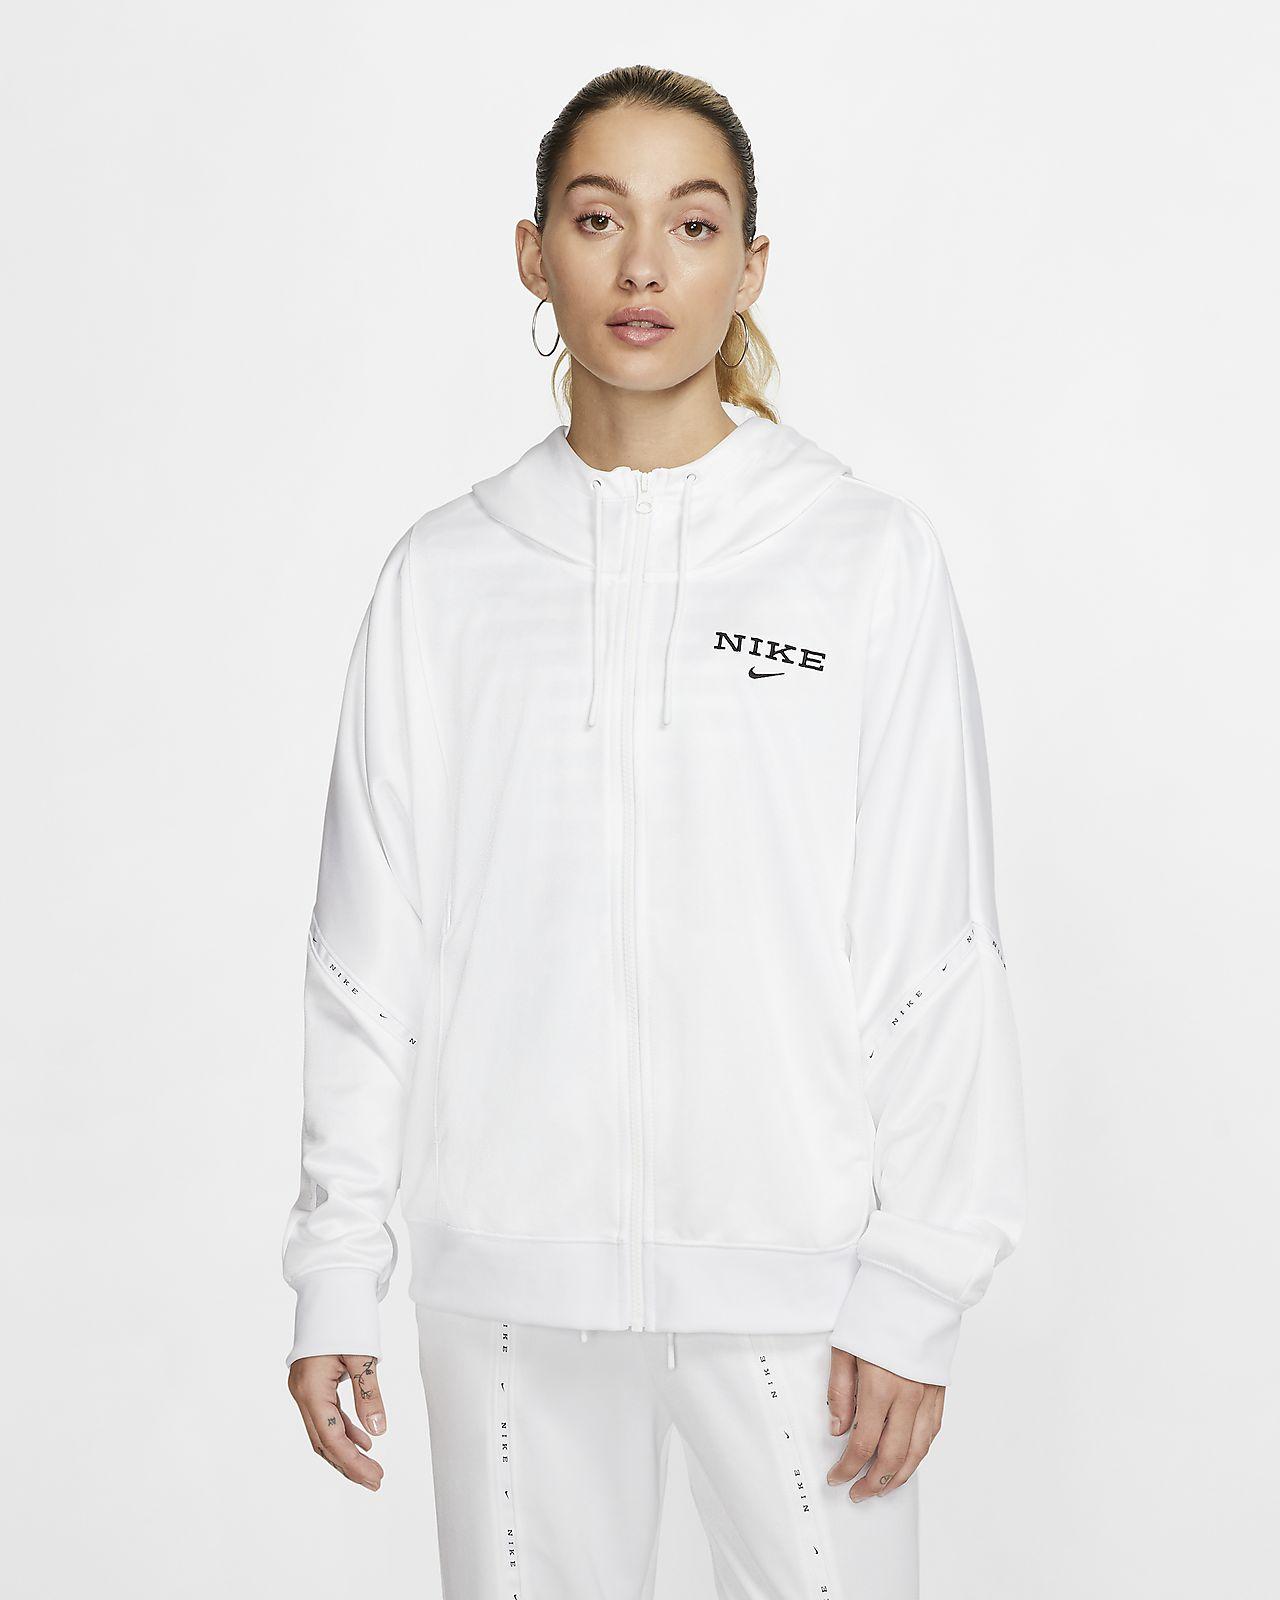 Nike Sportswear Women's Full-Zip Hooded Jacket